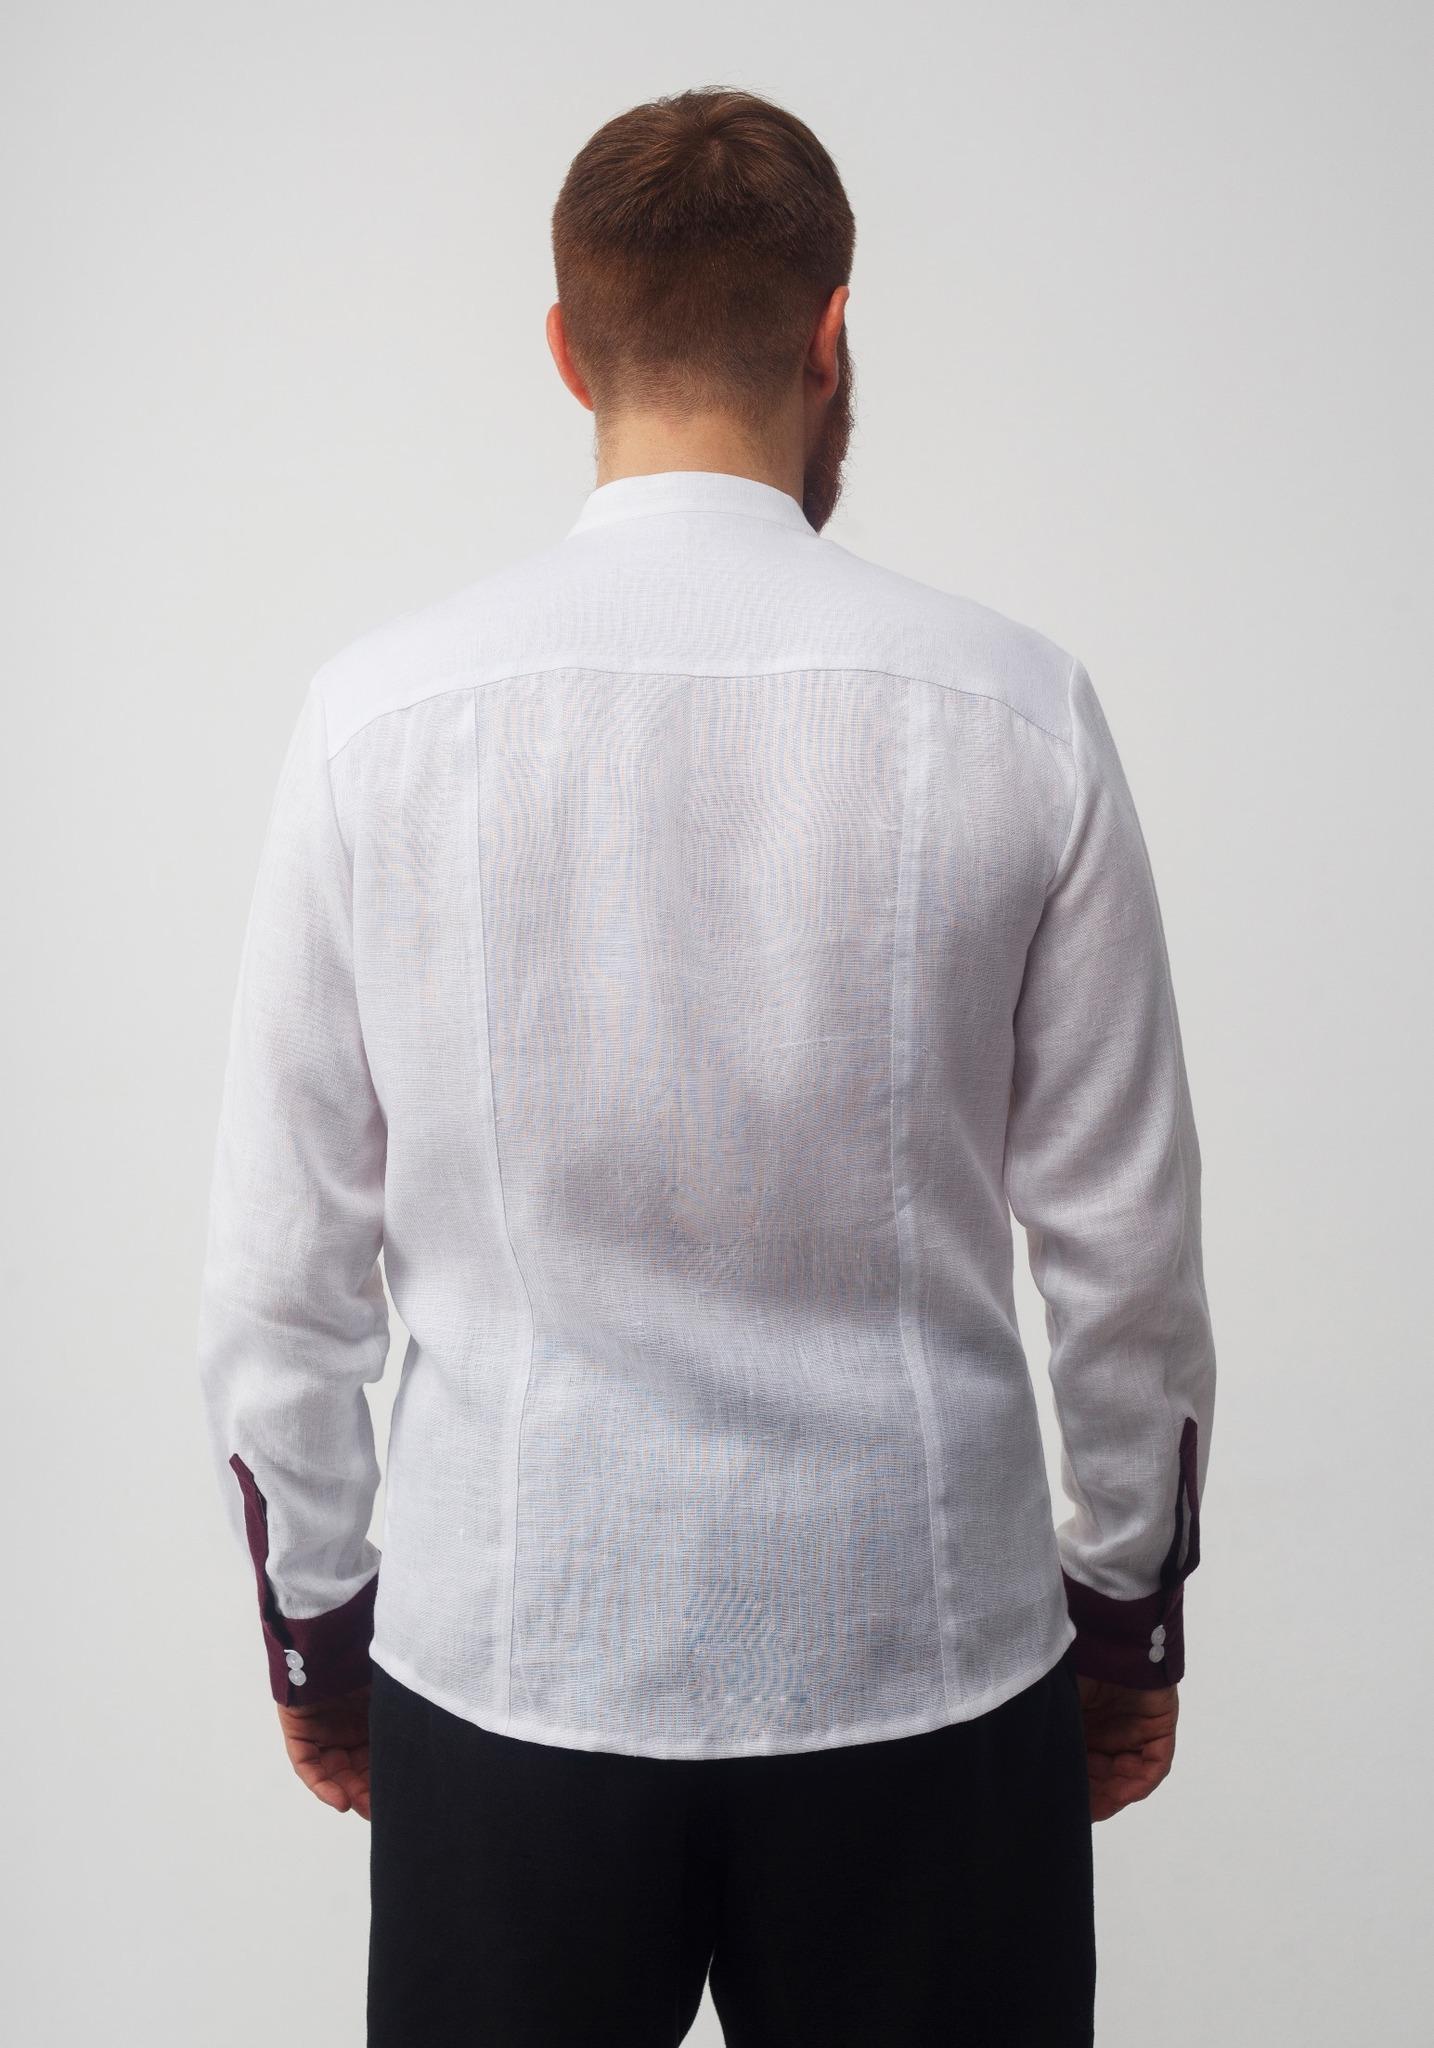 Рубашка мужская Южная вид сзади